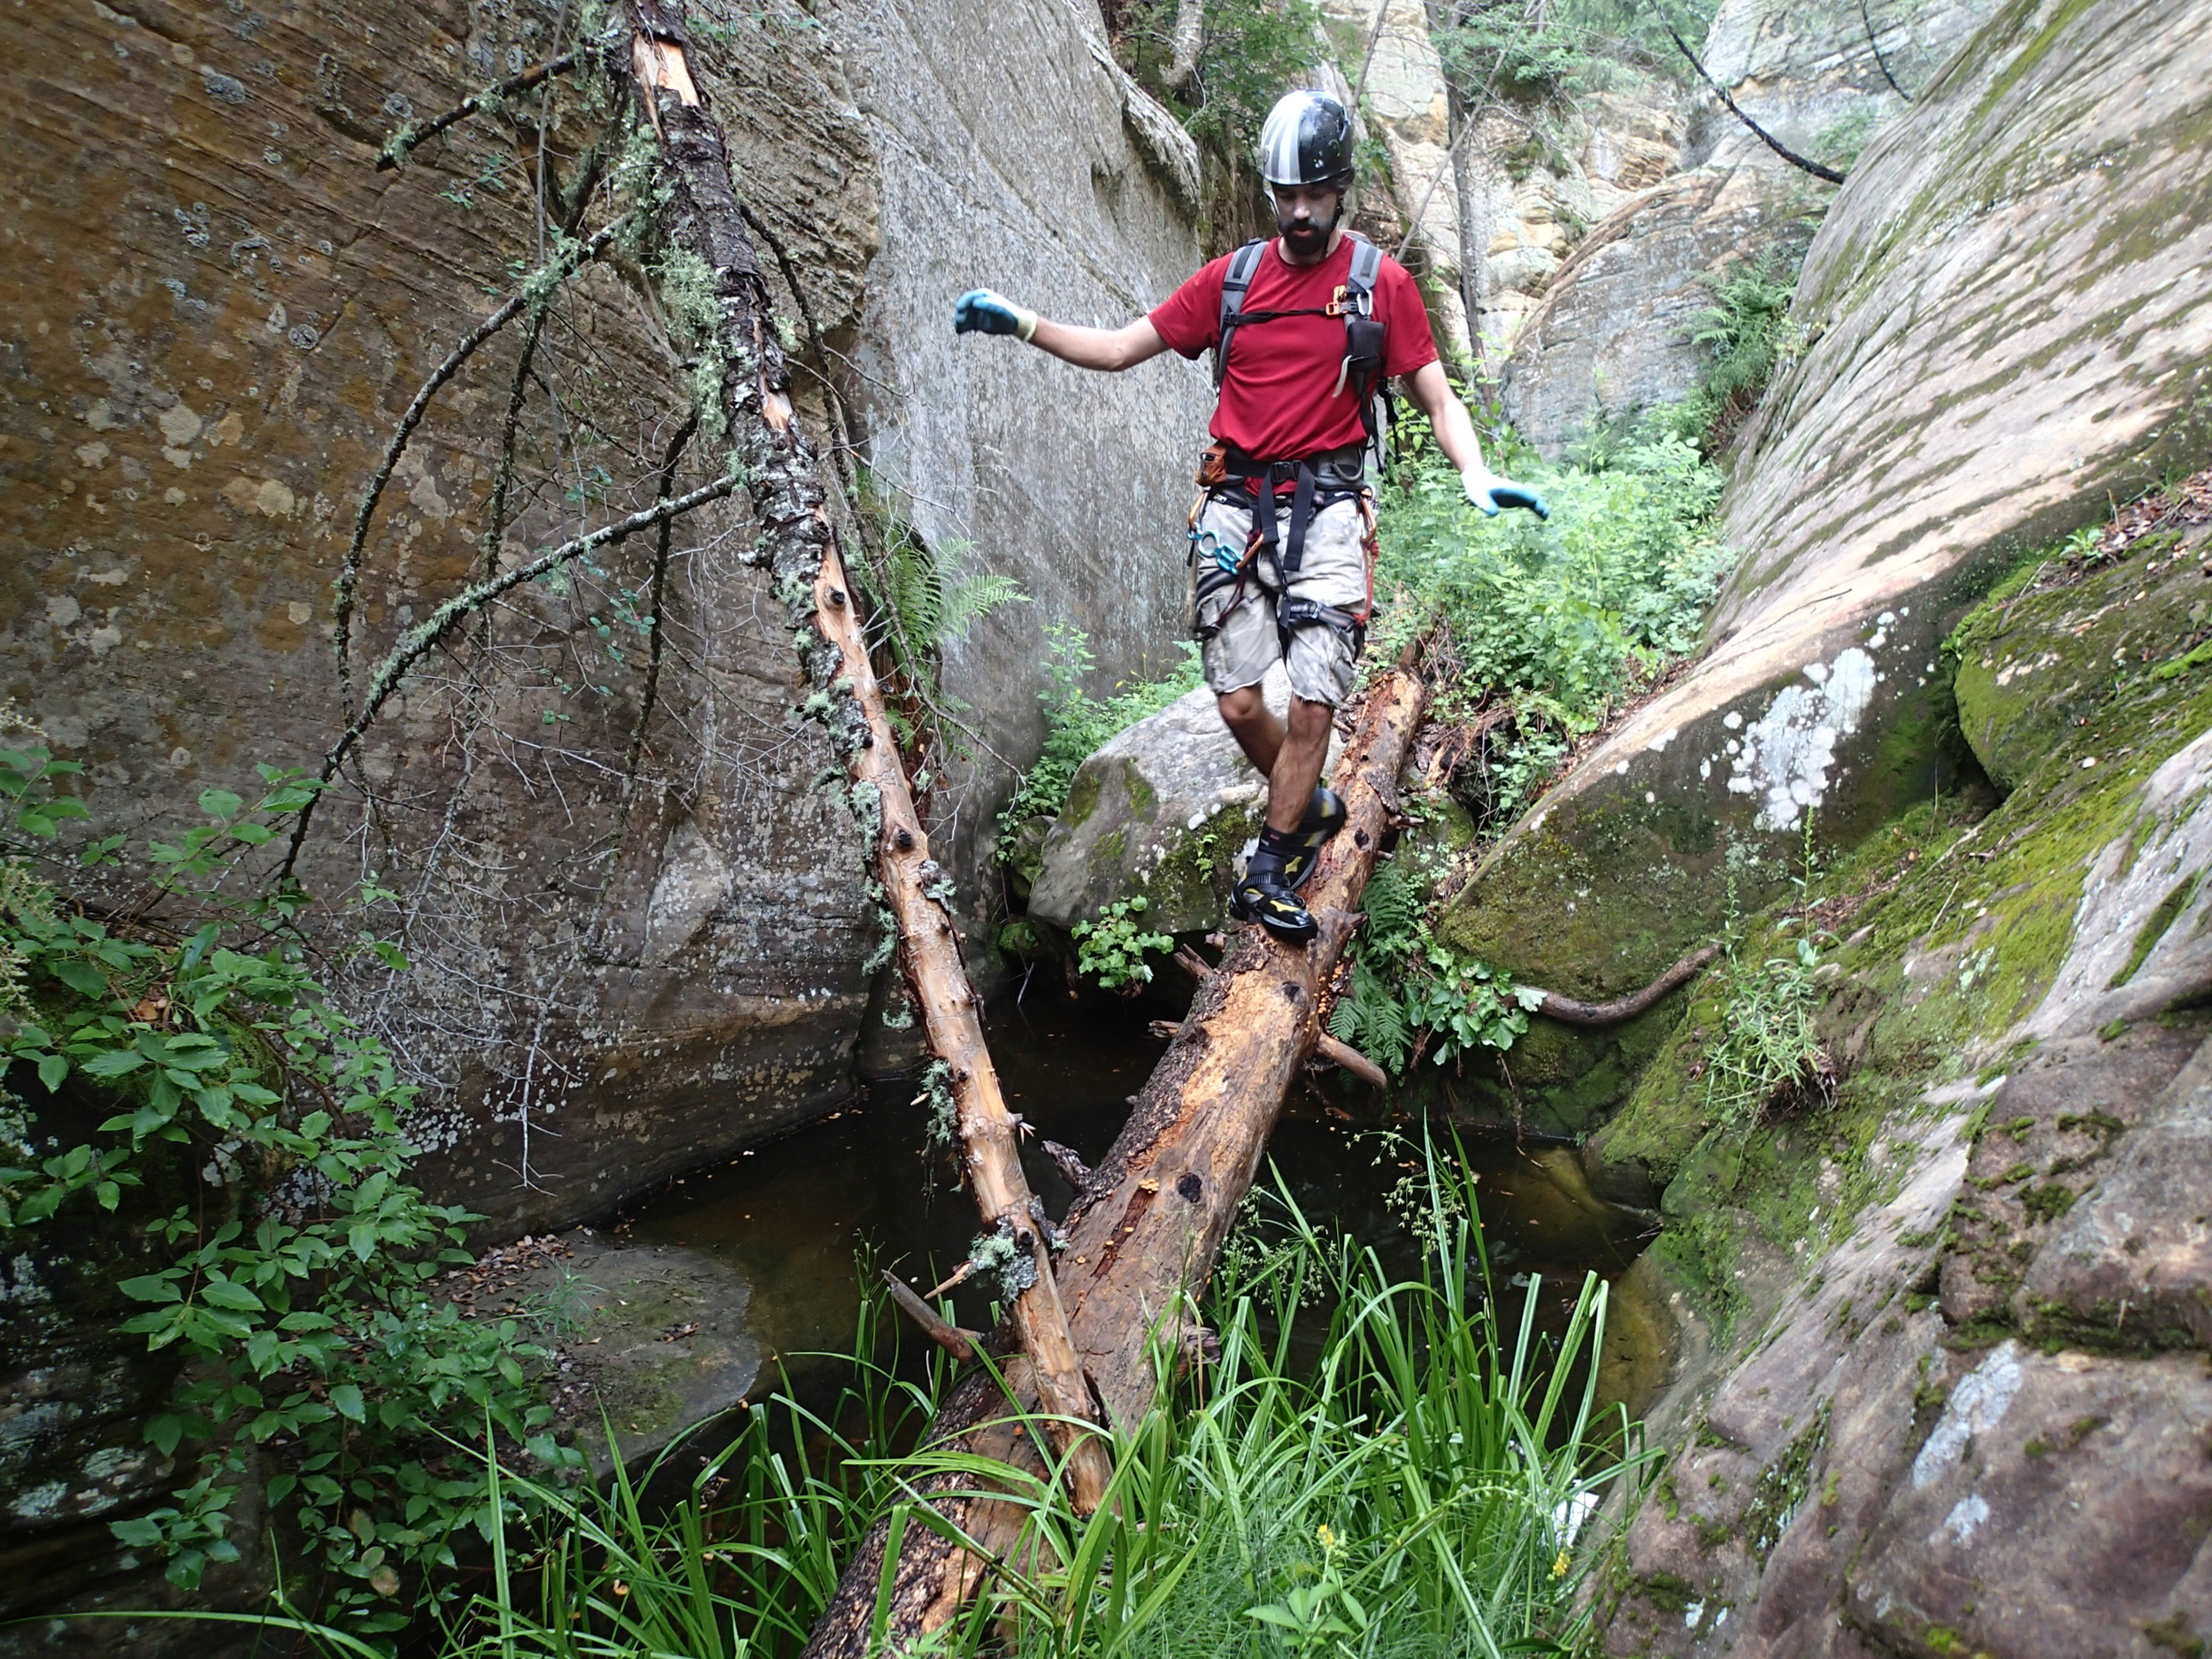 Illusions Canyon - Canyoneering, AZ